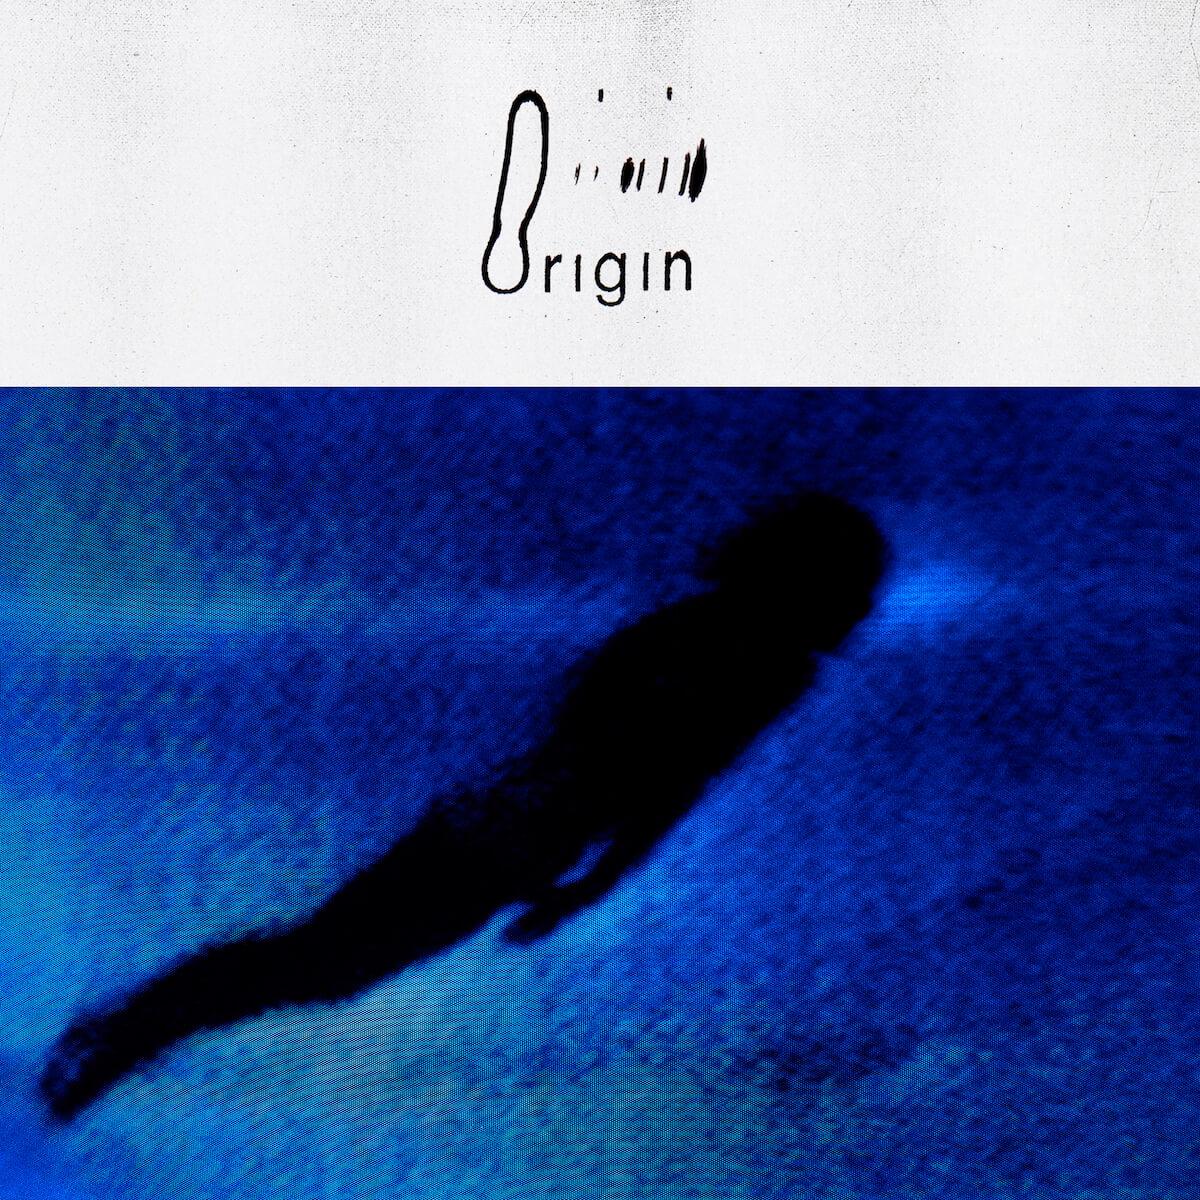 ジョーダン・ラカイ最新作『Origin』より新曲「Rolling into One」を解禁!「Say Something」のリリックビデオも公開中 Jordan-Rakei_Origin_Digital-Packshot